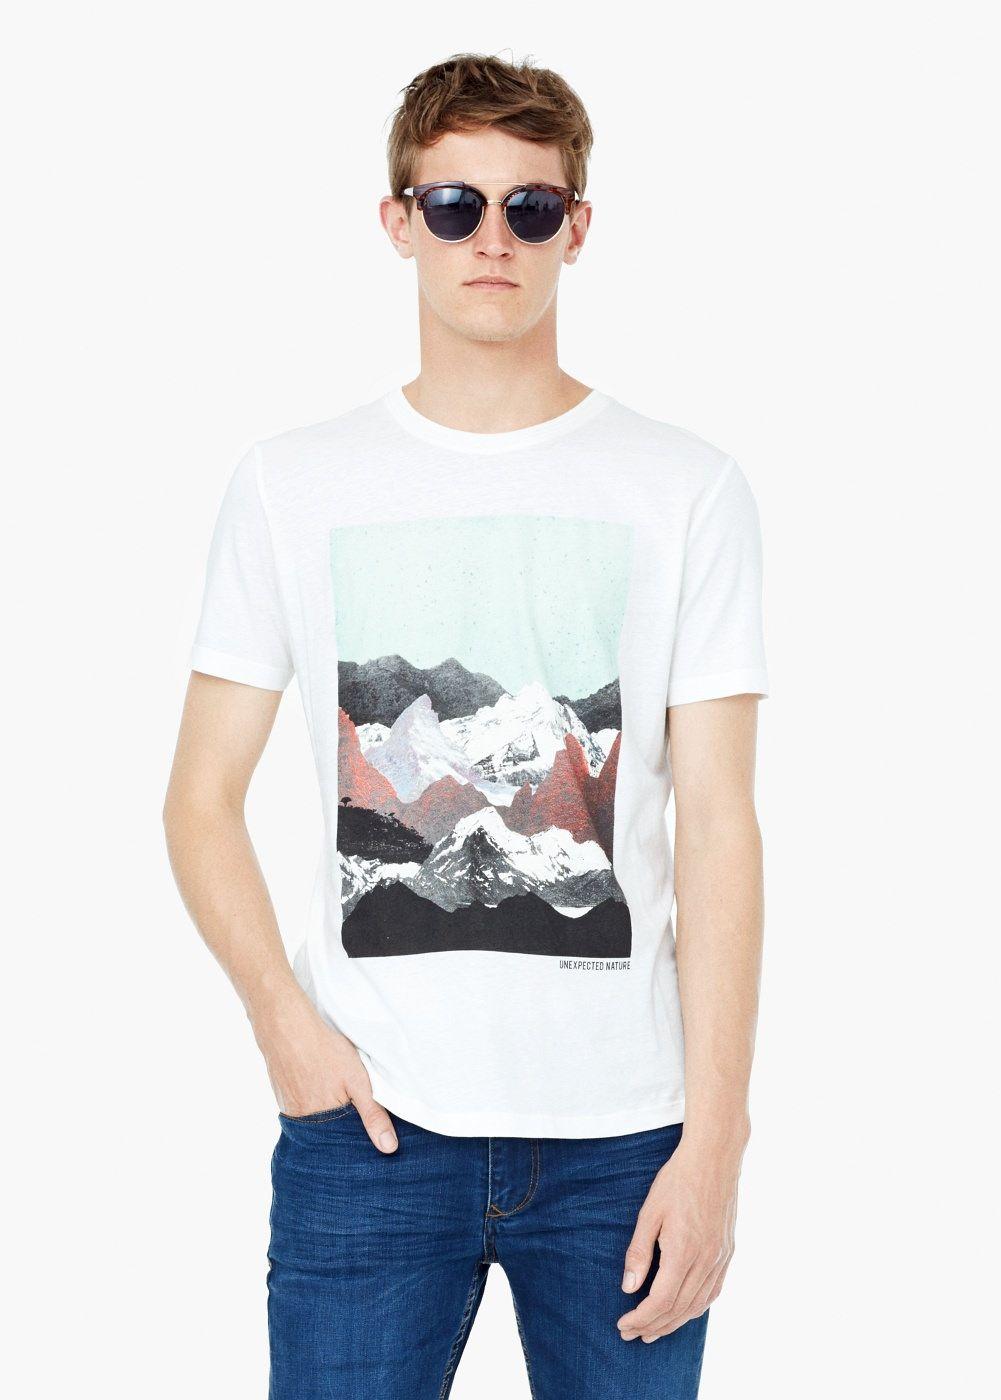 Bedrucktes T Shirt Bergmotiv Herren Mens Tops T Shirt Clothes